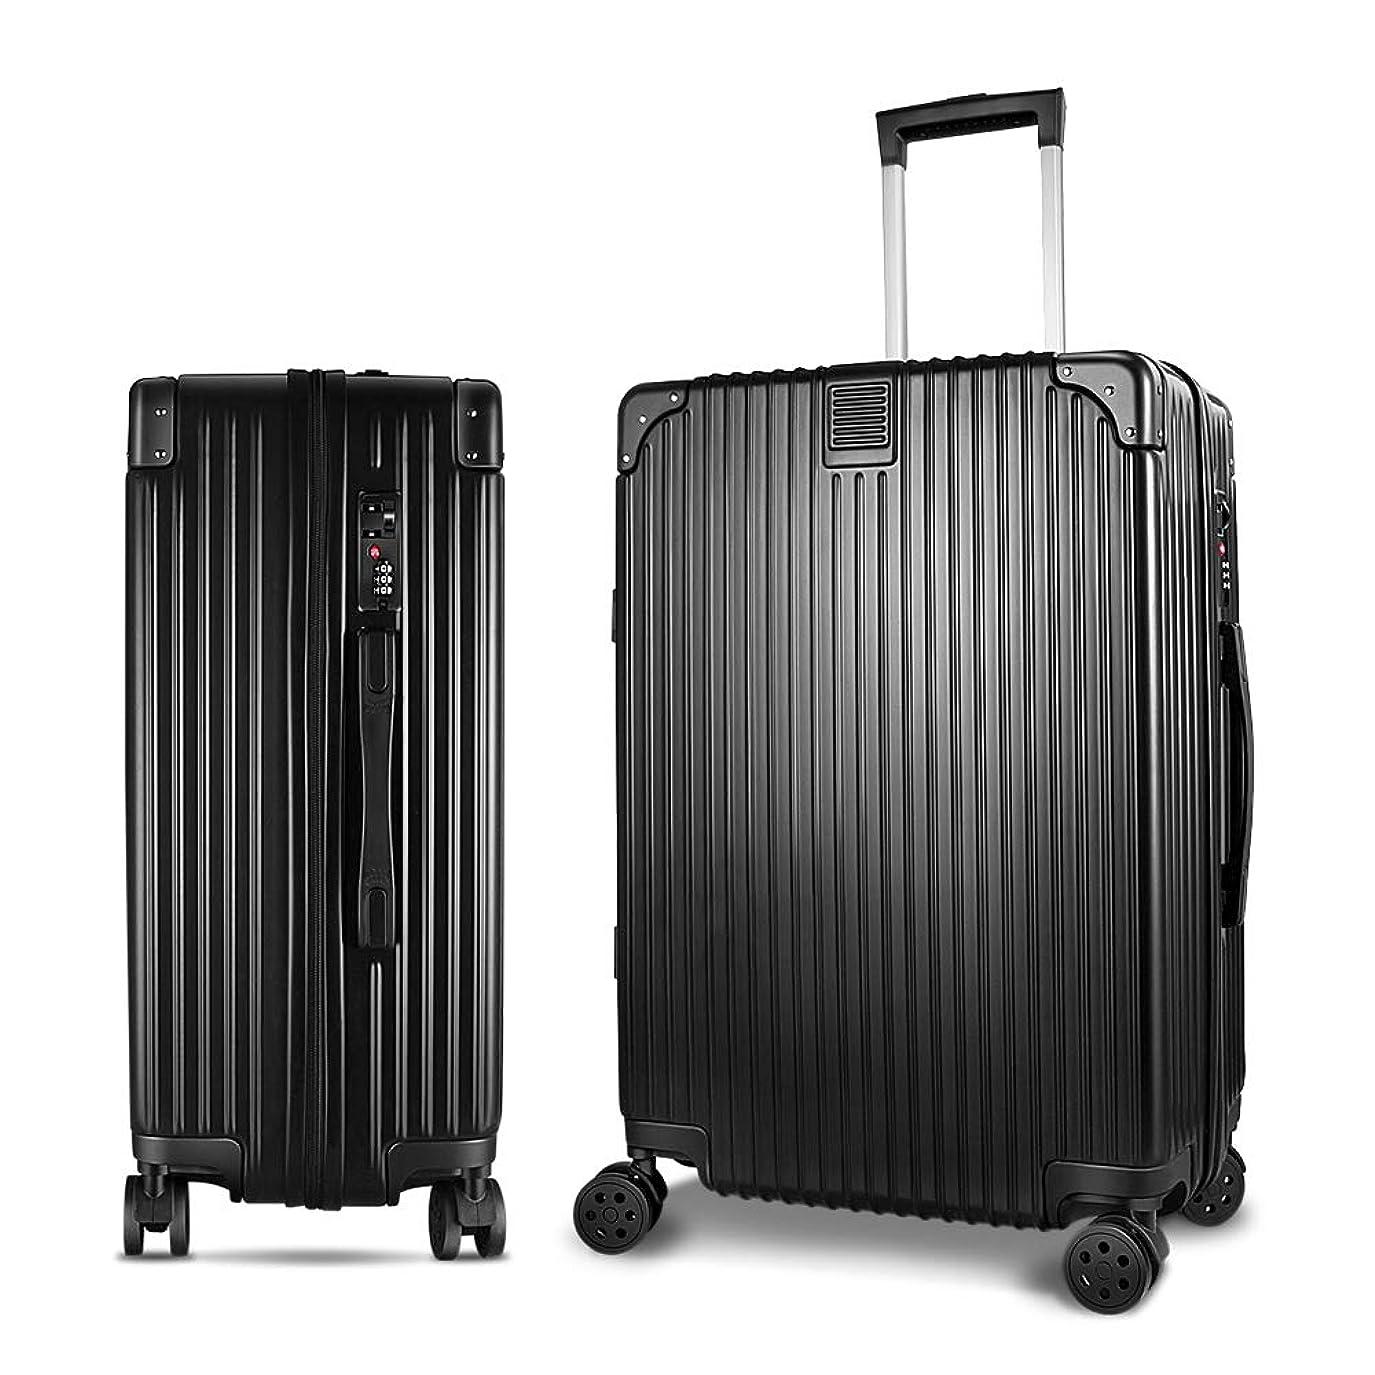 浸す分数まつげスーツケース キャリーケース 軽量 静音 大型 アルミフレーム ロック搭載 ファスナー式 レトロ 旅行 出張 男女兼用 ブラック